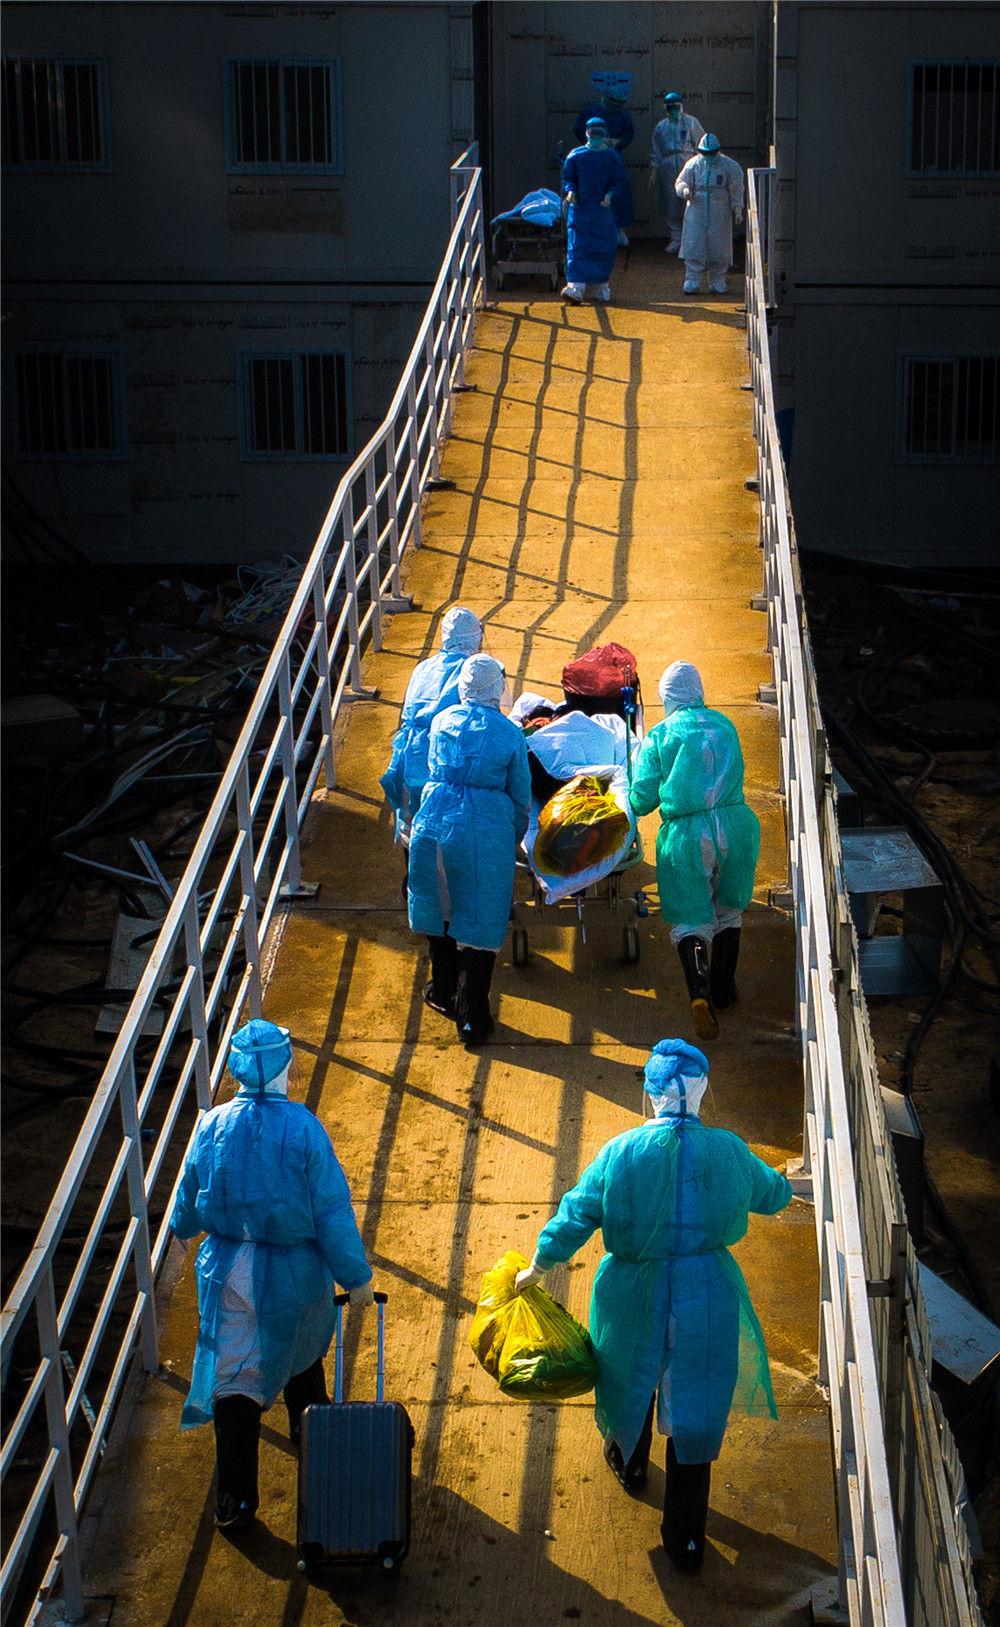 医护人员走向武汉火神山医院病房(2月4日摄)。新华社记者 肖艺九 摄